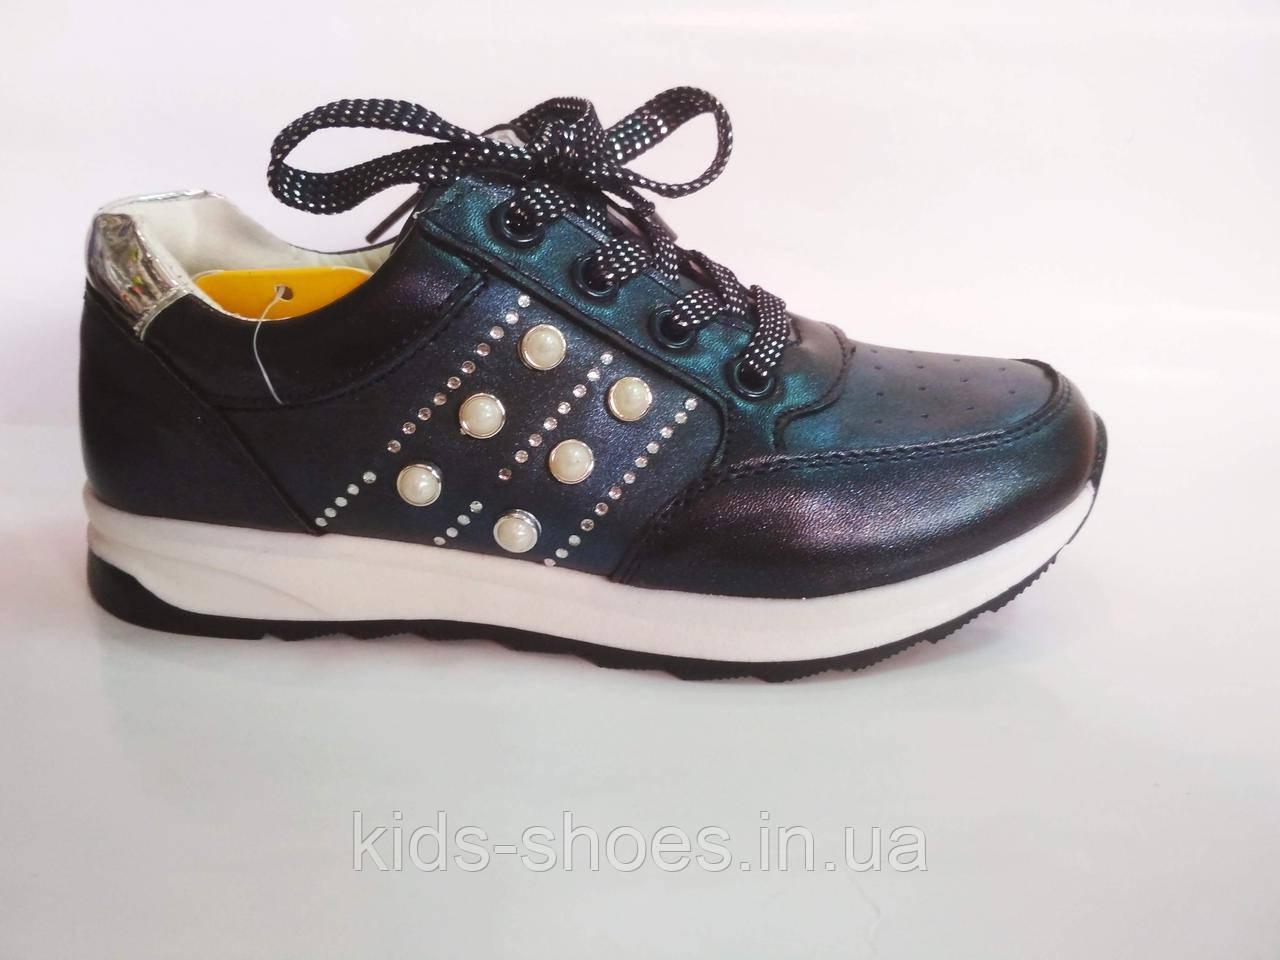 Підліткові туфлі-кросівки для дівчинки Clibee 32-20, 35-21.5